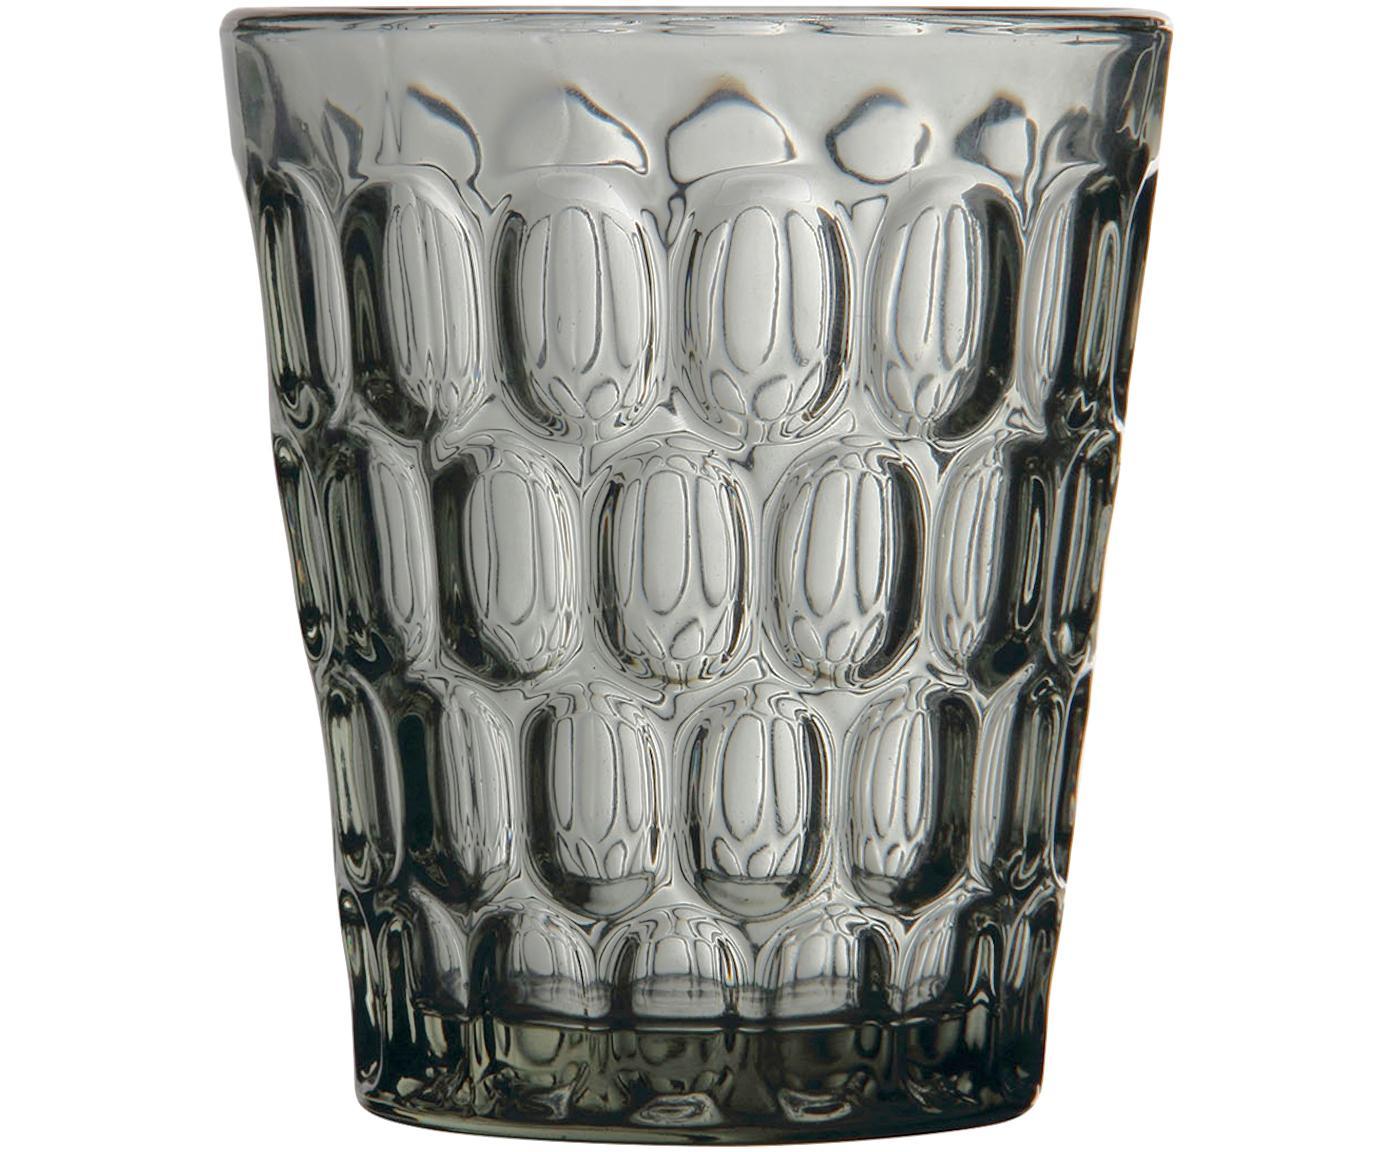 Szklanka do wody Optic, 6 szt., Szkło, Transparentnyny, szary, Ø 9 x W 11 cm